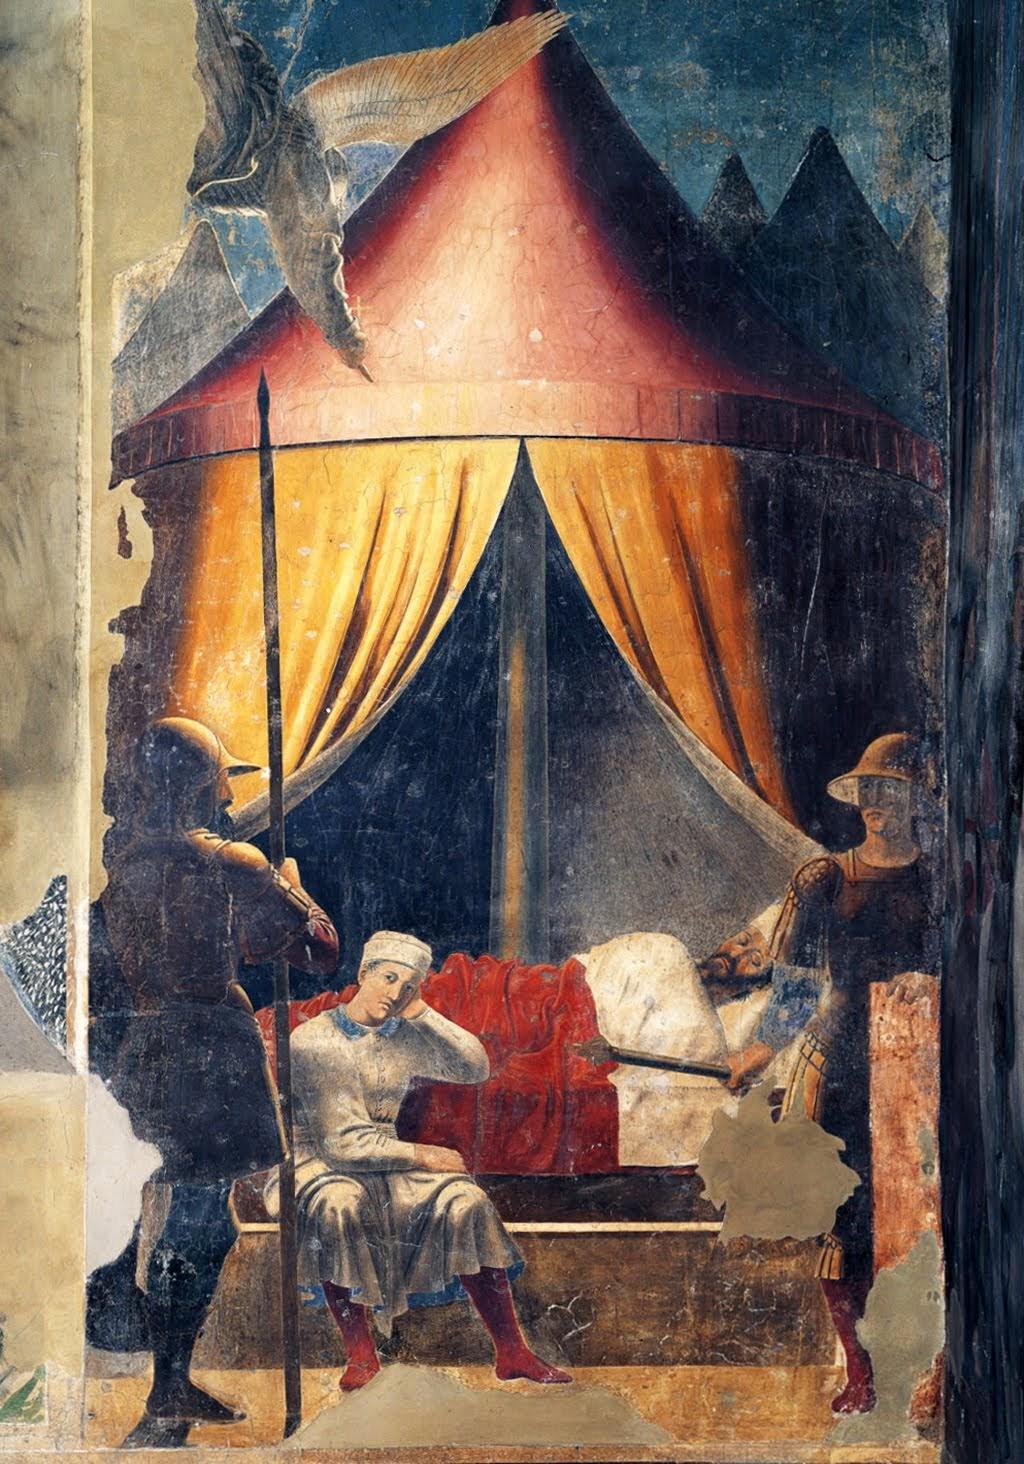 Piero della Francesca, Il Sogno di Costantino of De droom van Constantijn, Capella Bacci, Basilica di San Francesco, Arezzo